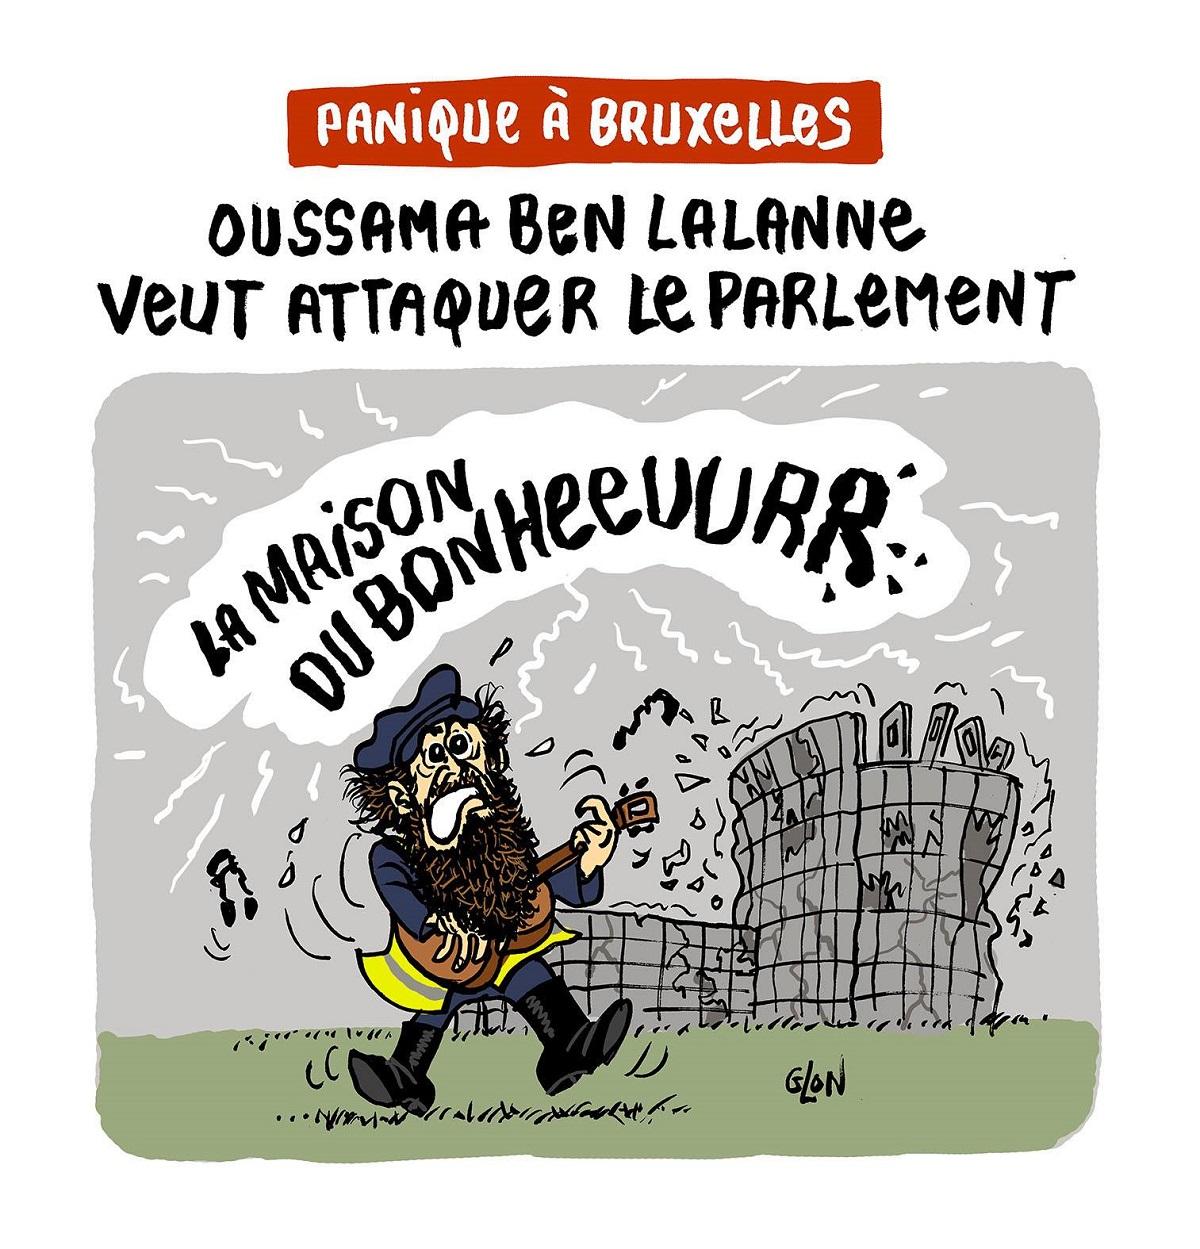 dessin d'actualité humoristique sur francis Lalanne qui veut se présenter aux élections européennes